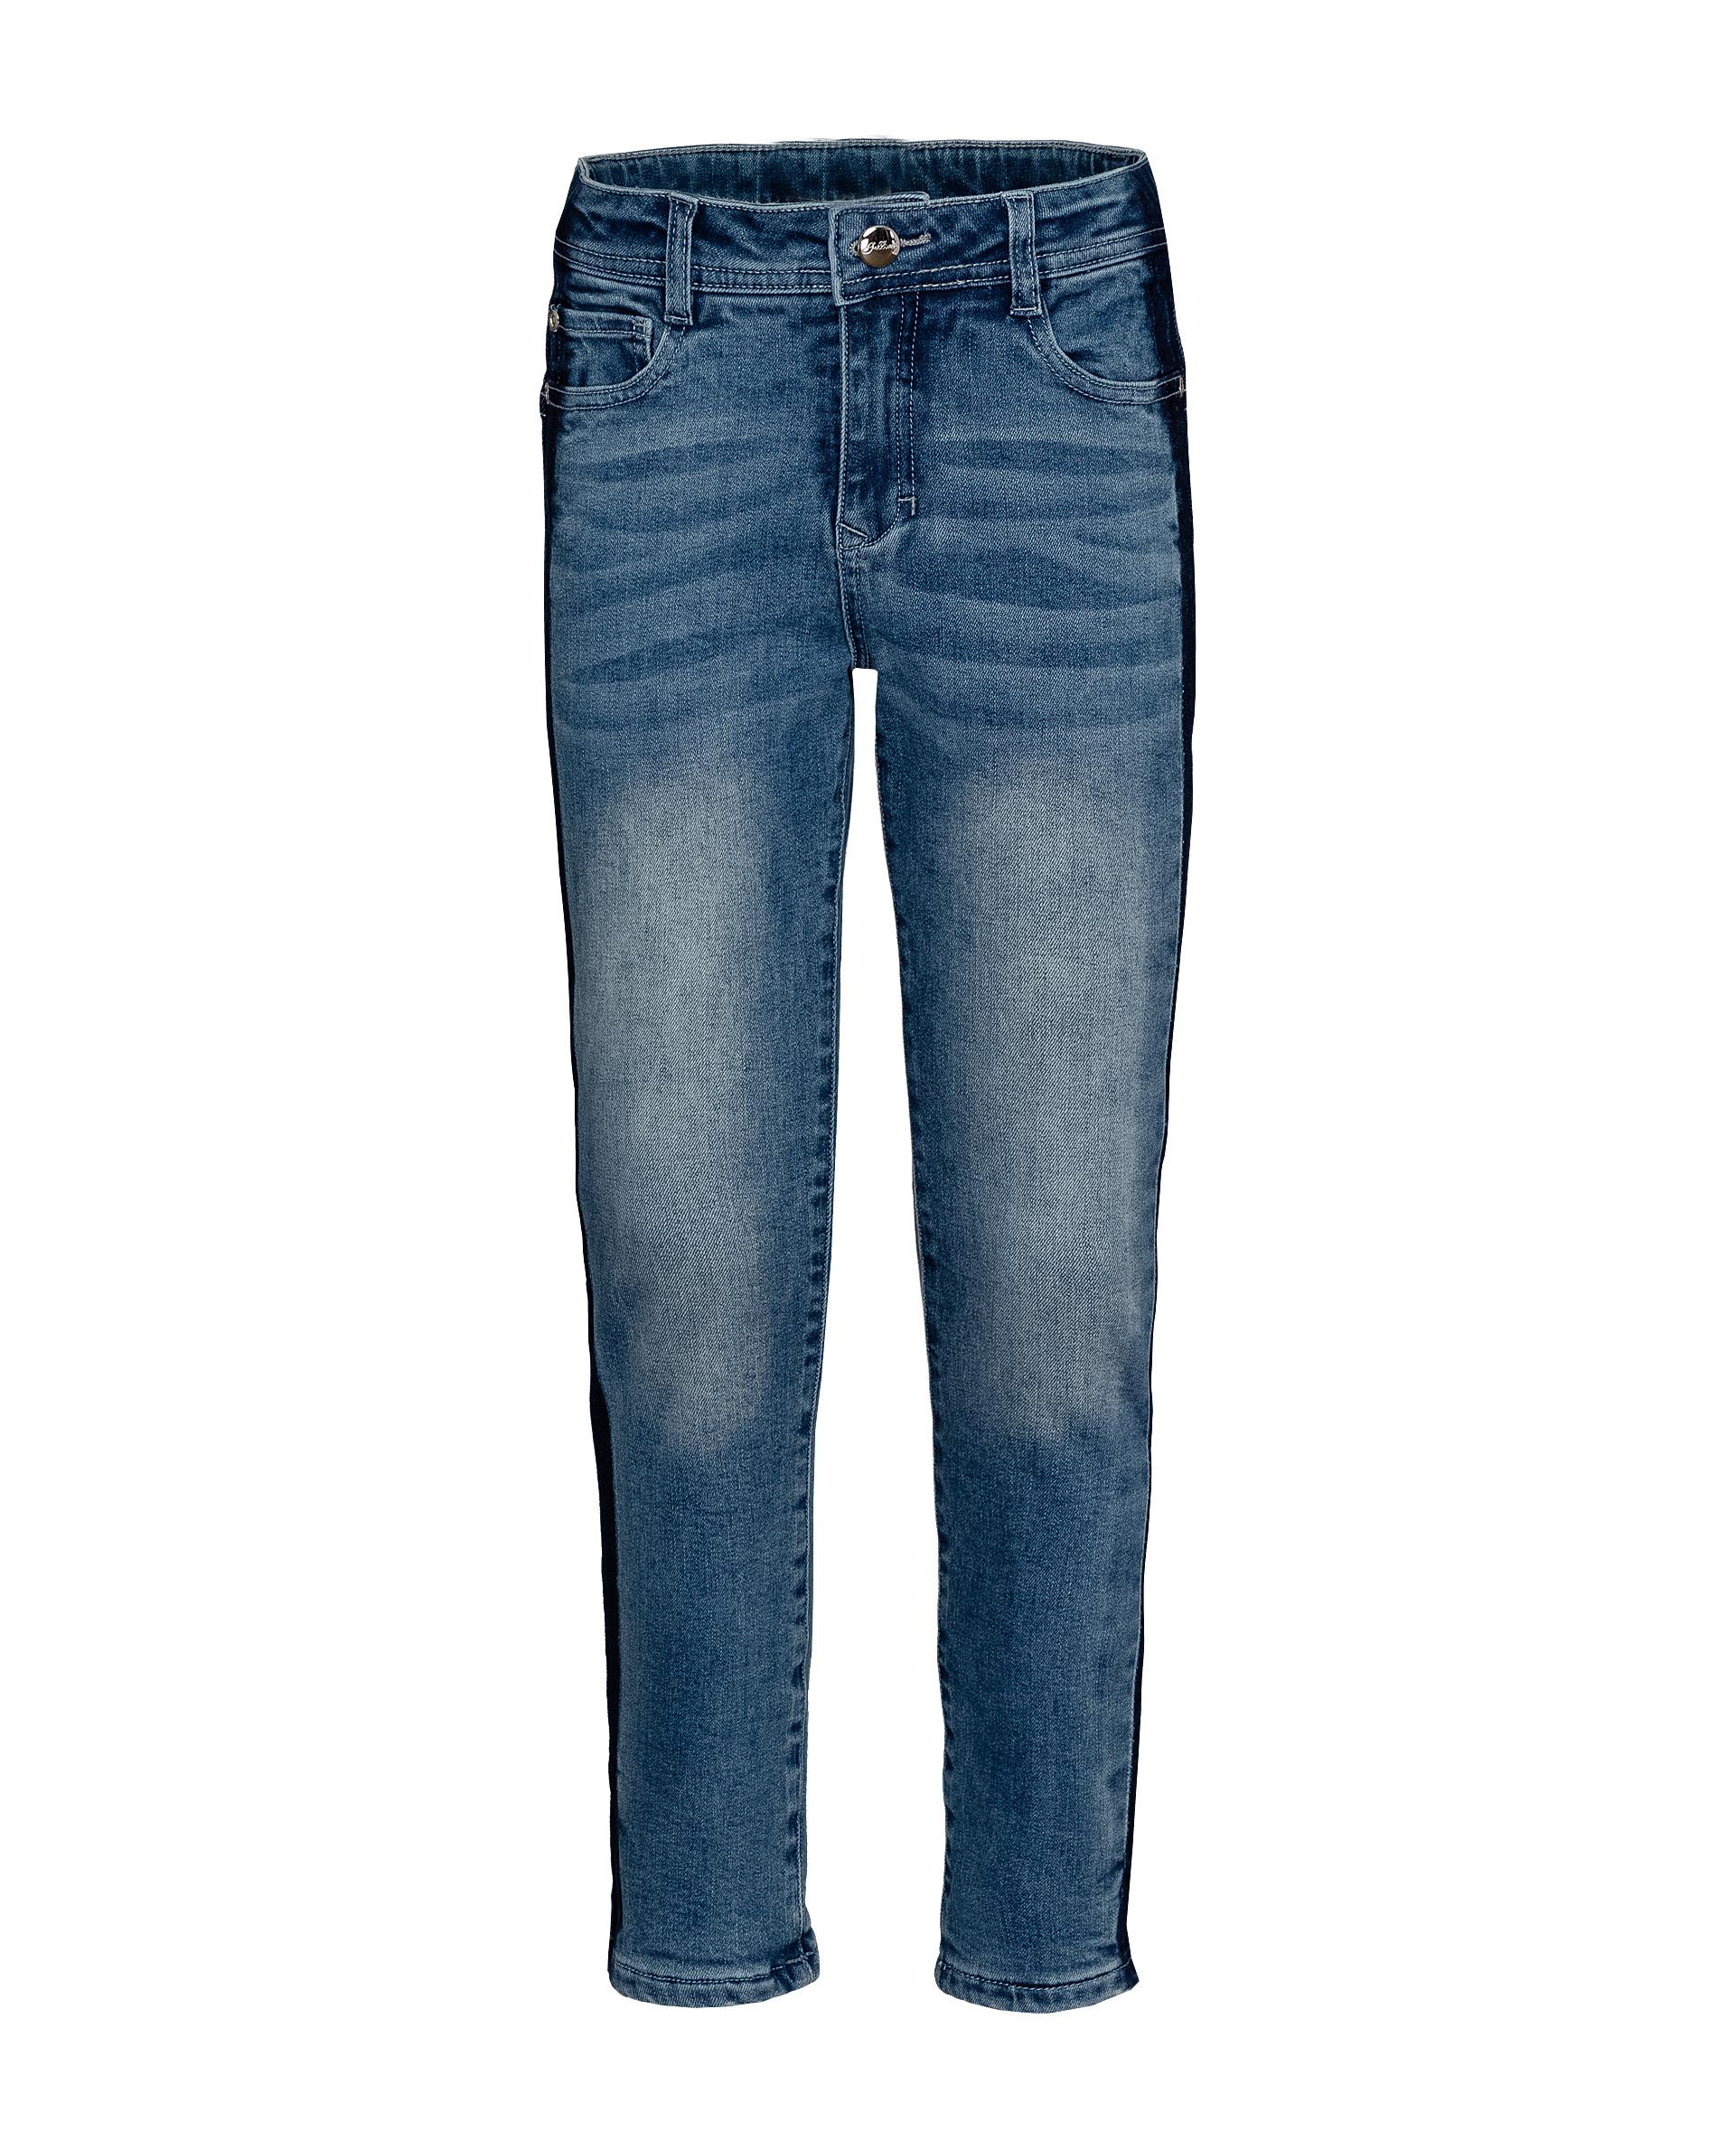 Утепленные джинсы для девочек Gulliver, цв. синий, р.164, 21909GJC6403